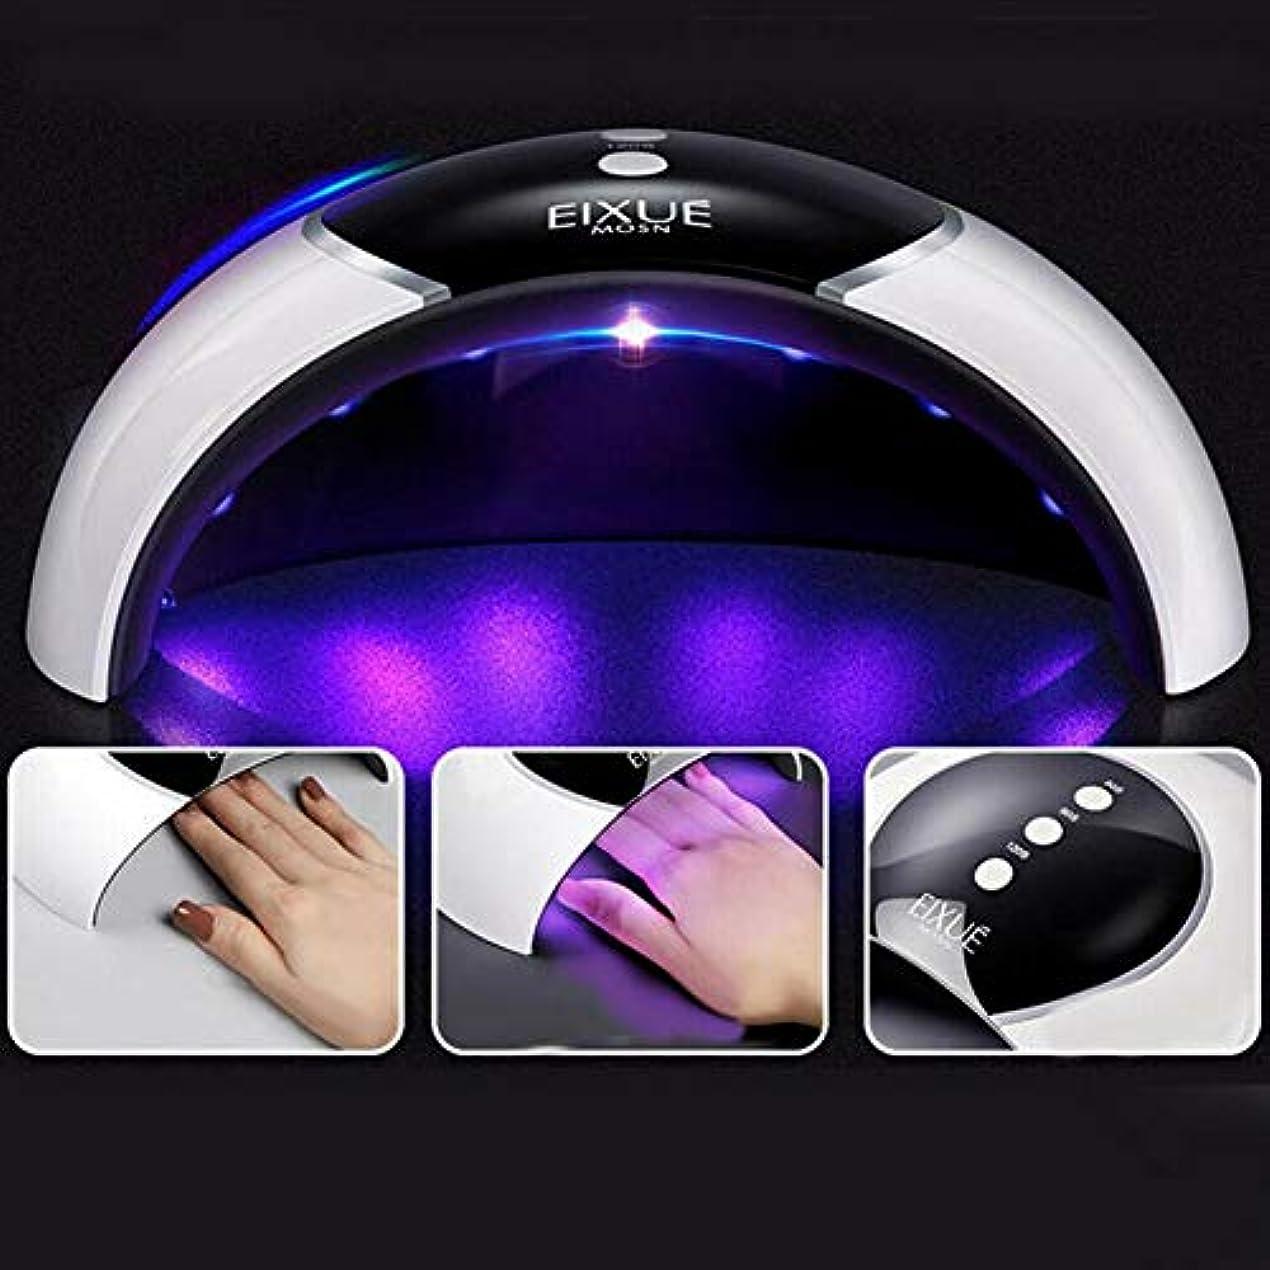 市の中心部支配的反抗Murakush   ネイル光線療法機 ネイルポリッシュ ベーキングランプ誘導 速乾燥 光療法ランプ UV LEDドライヤー ネイルアートツール